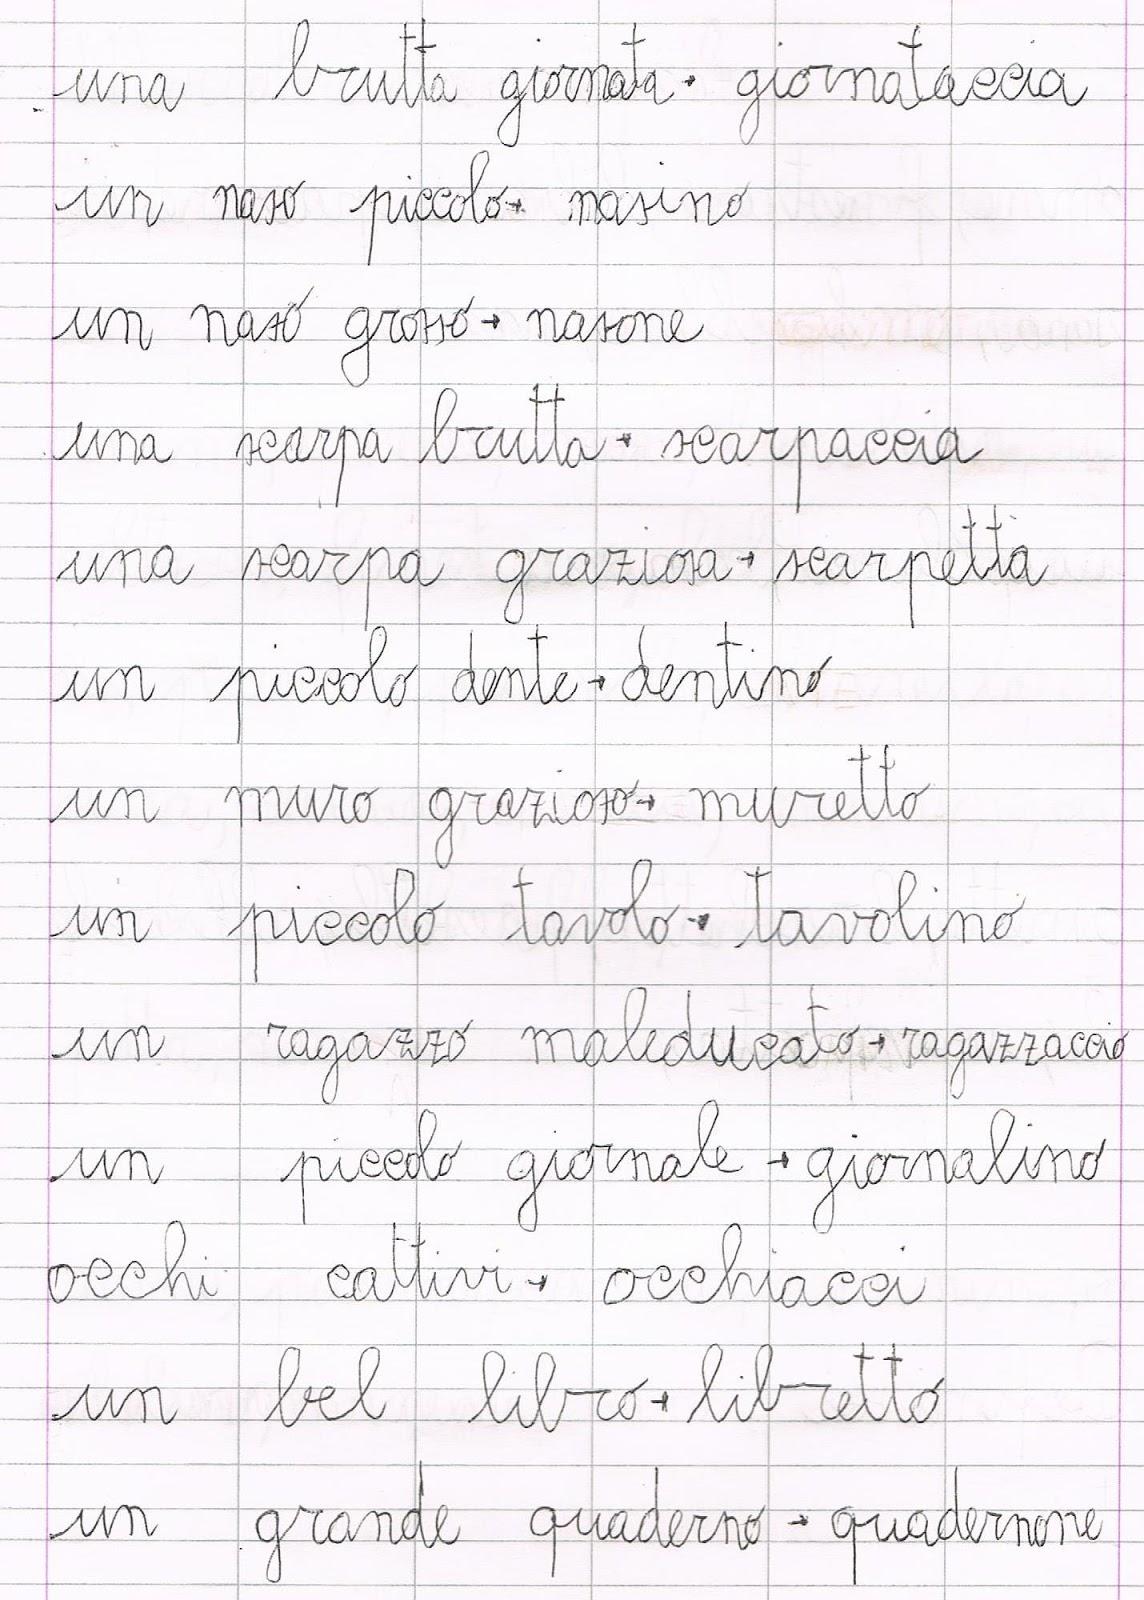 esercizi di grammatica relativi ai nomi alterati - Giardino Piccolo Nome Alterato